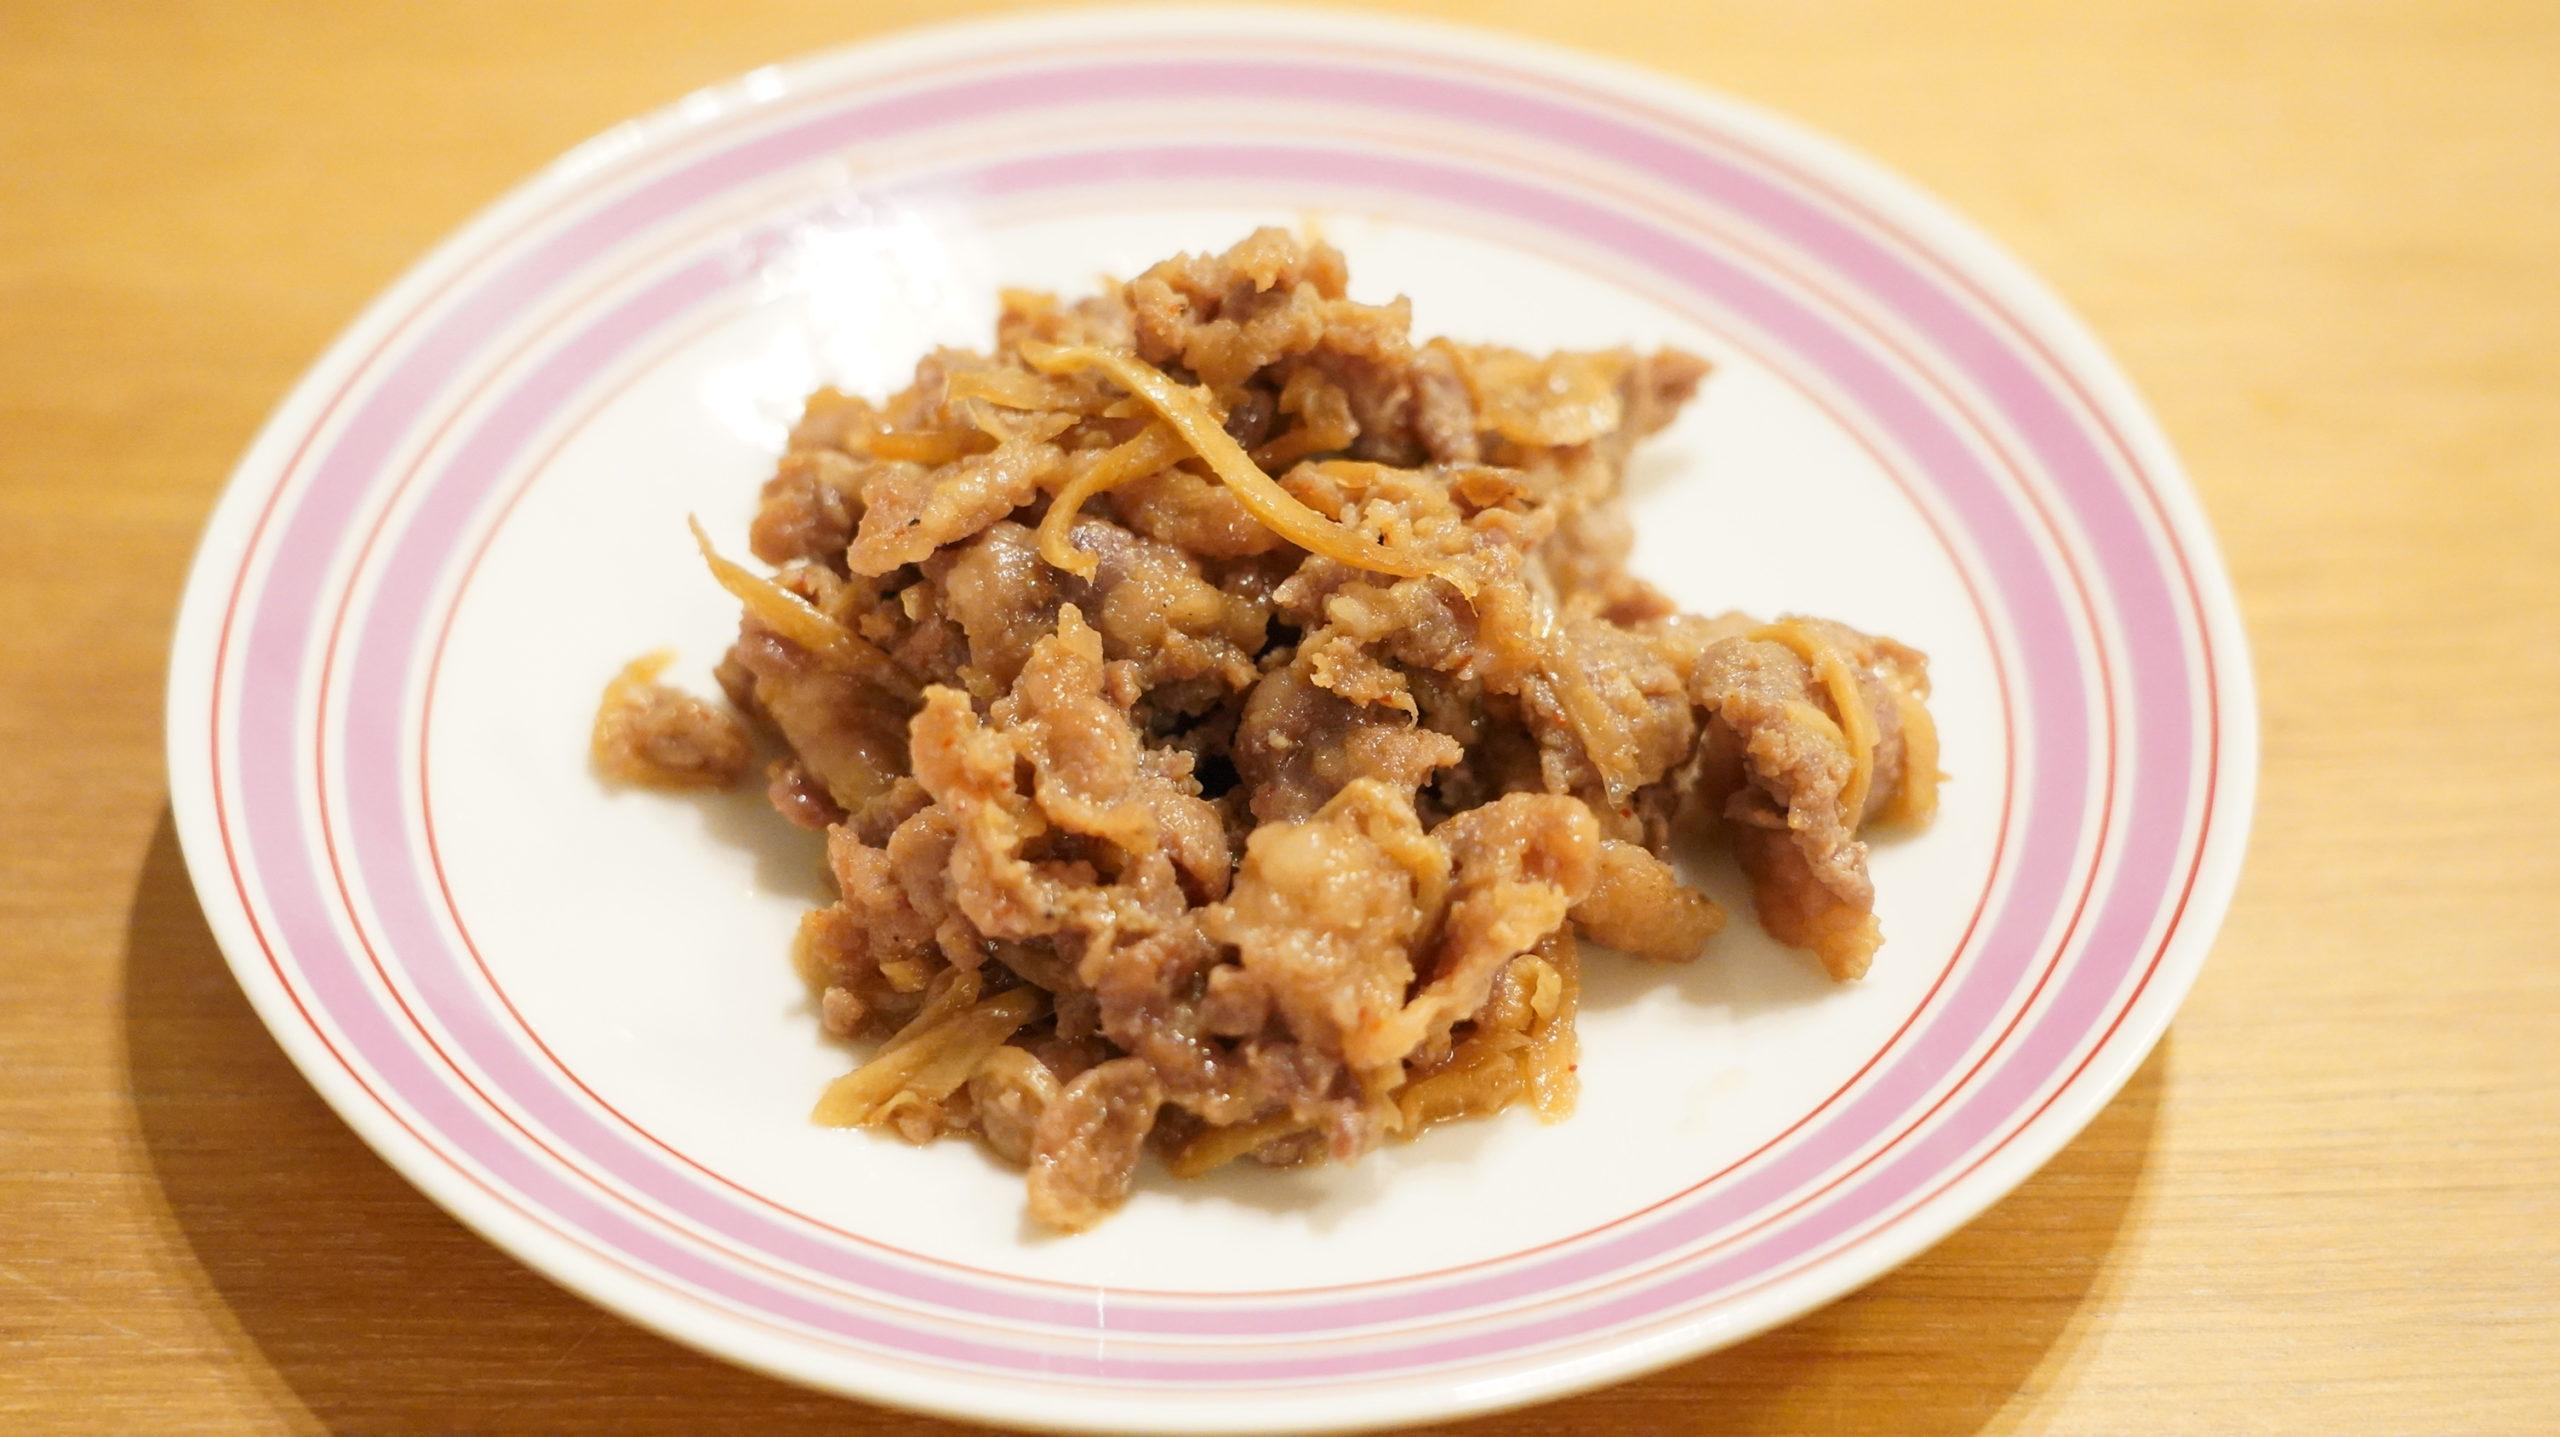 業務スーパーの冷凍食品「豚生姜焼き」を皿に持った写真